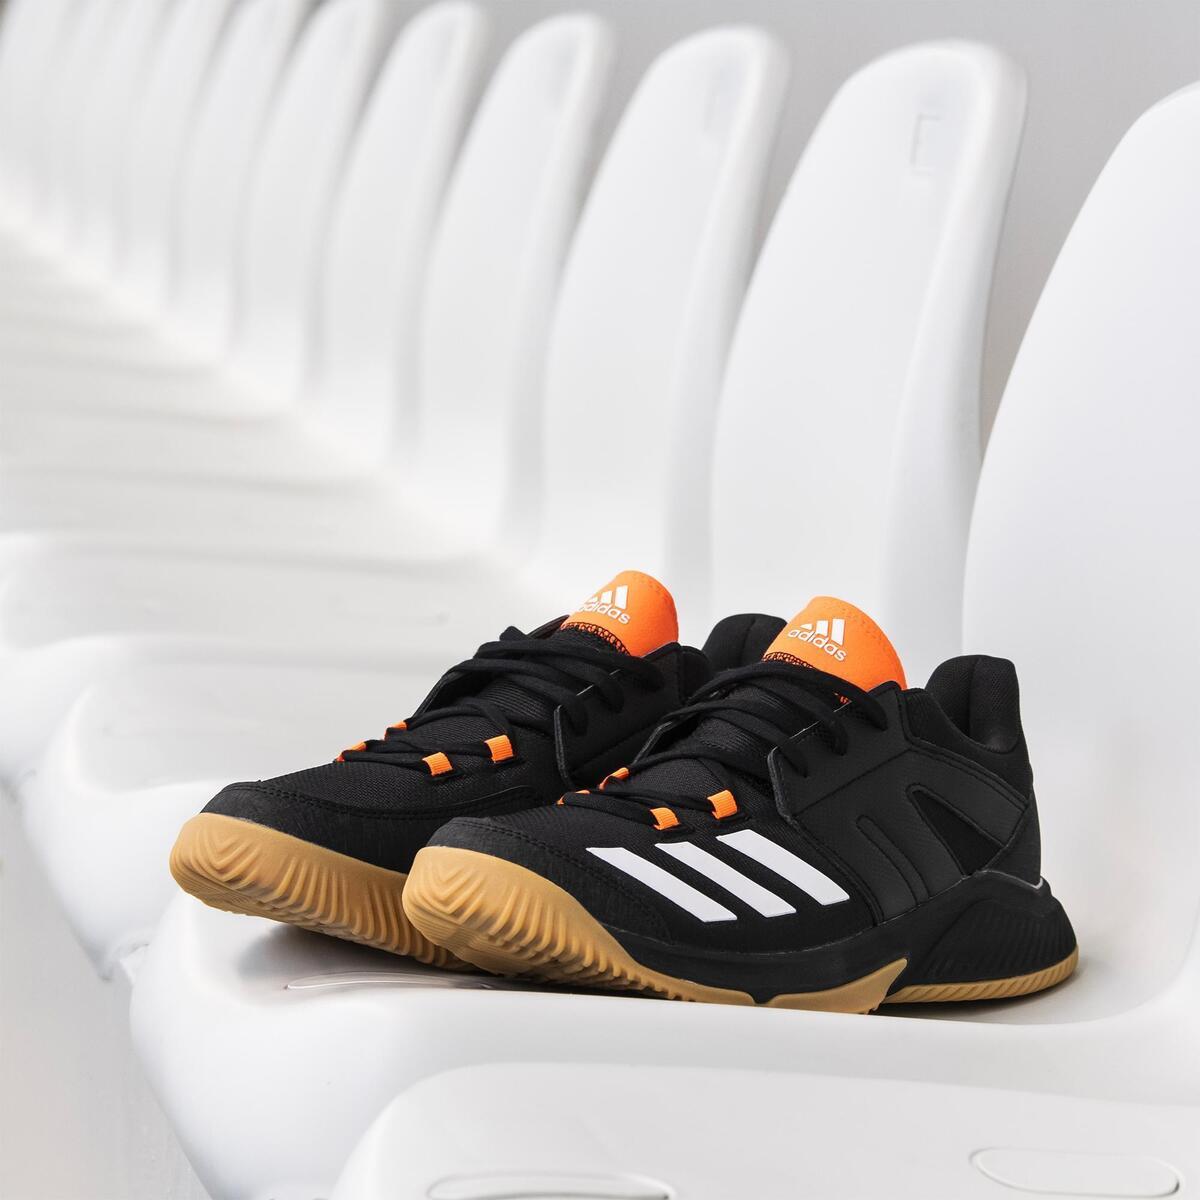 Bild 4 von Handballschuhe Essence Erwachsene schwarz/orange